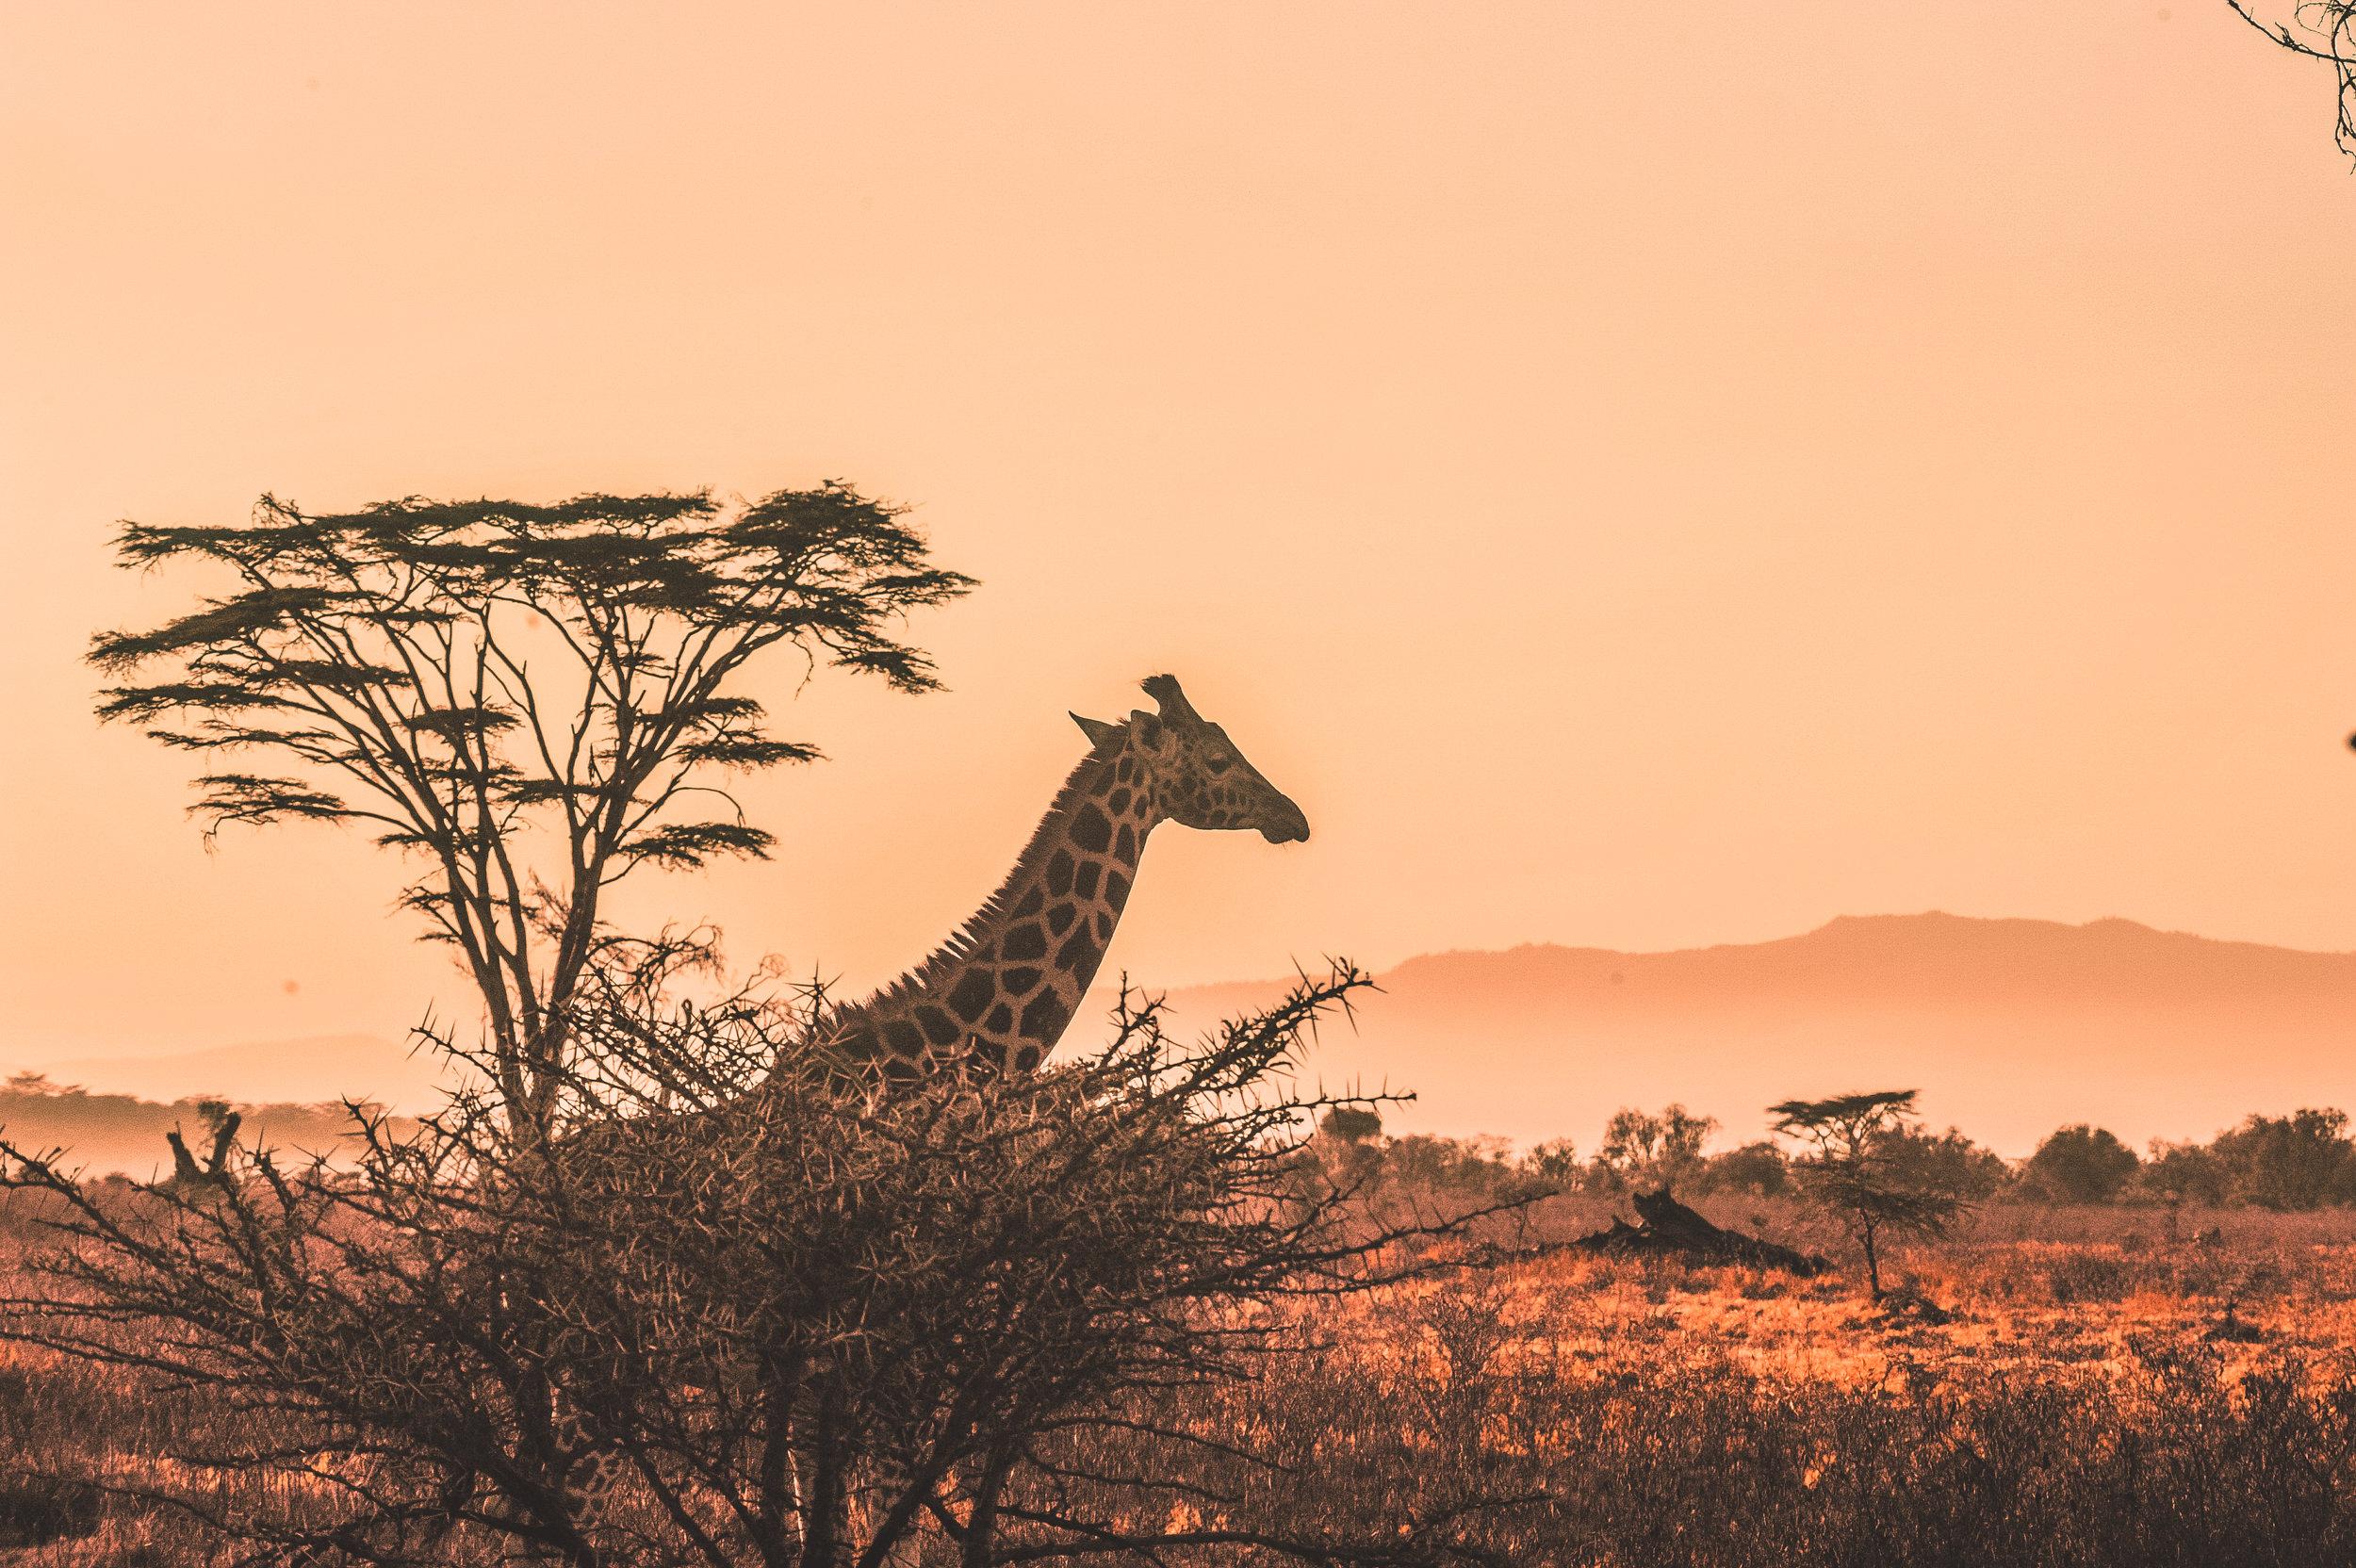 Kenya - Este país africano es uno de los mejores para hacer safari con tu pareja. Pero no solo esto, aquí la infraestructura turística ha desarrollado el concepto de estar en medio de la naturaleza gozando de las comodidades más espectaculares. Desde hoteles donde las girafas llegan hasta tu ventana, hasta hospedajes con vistas panorámicas a los valles llenos de elefantes, leones, zebras y los grandes mamíferes. Aquí tu parejá y tú no querrán saber de nada más que no sea disfrutar el tiempo que tienen ambos en este paraíso. Si estas buscando un destino romántico, aventurero y sanador, Kenya lo tiene todo en uno.